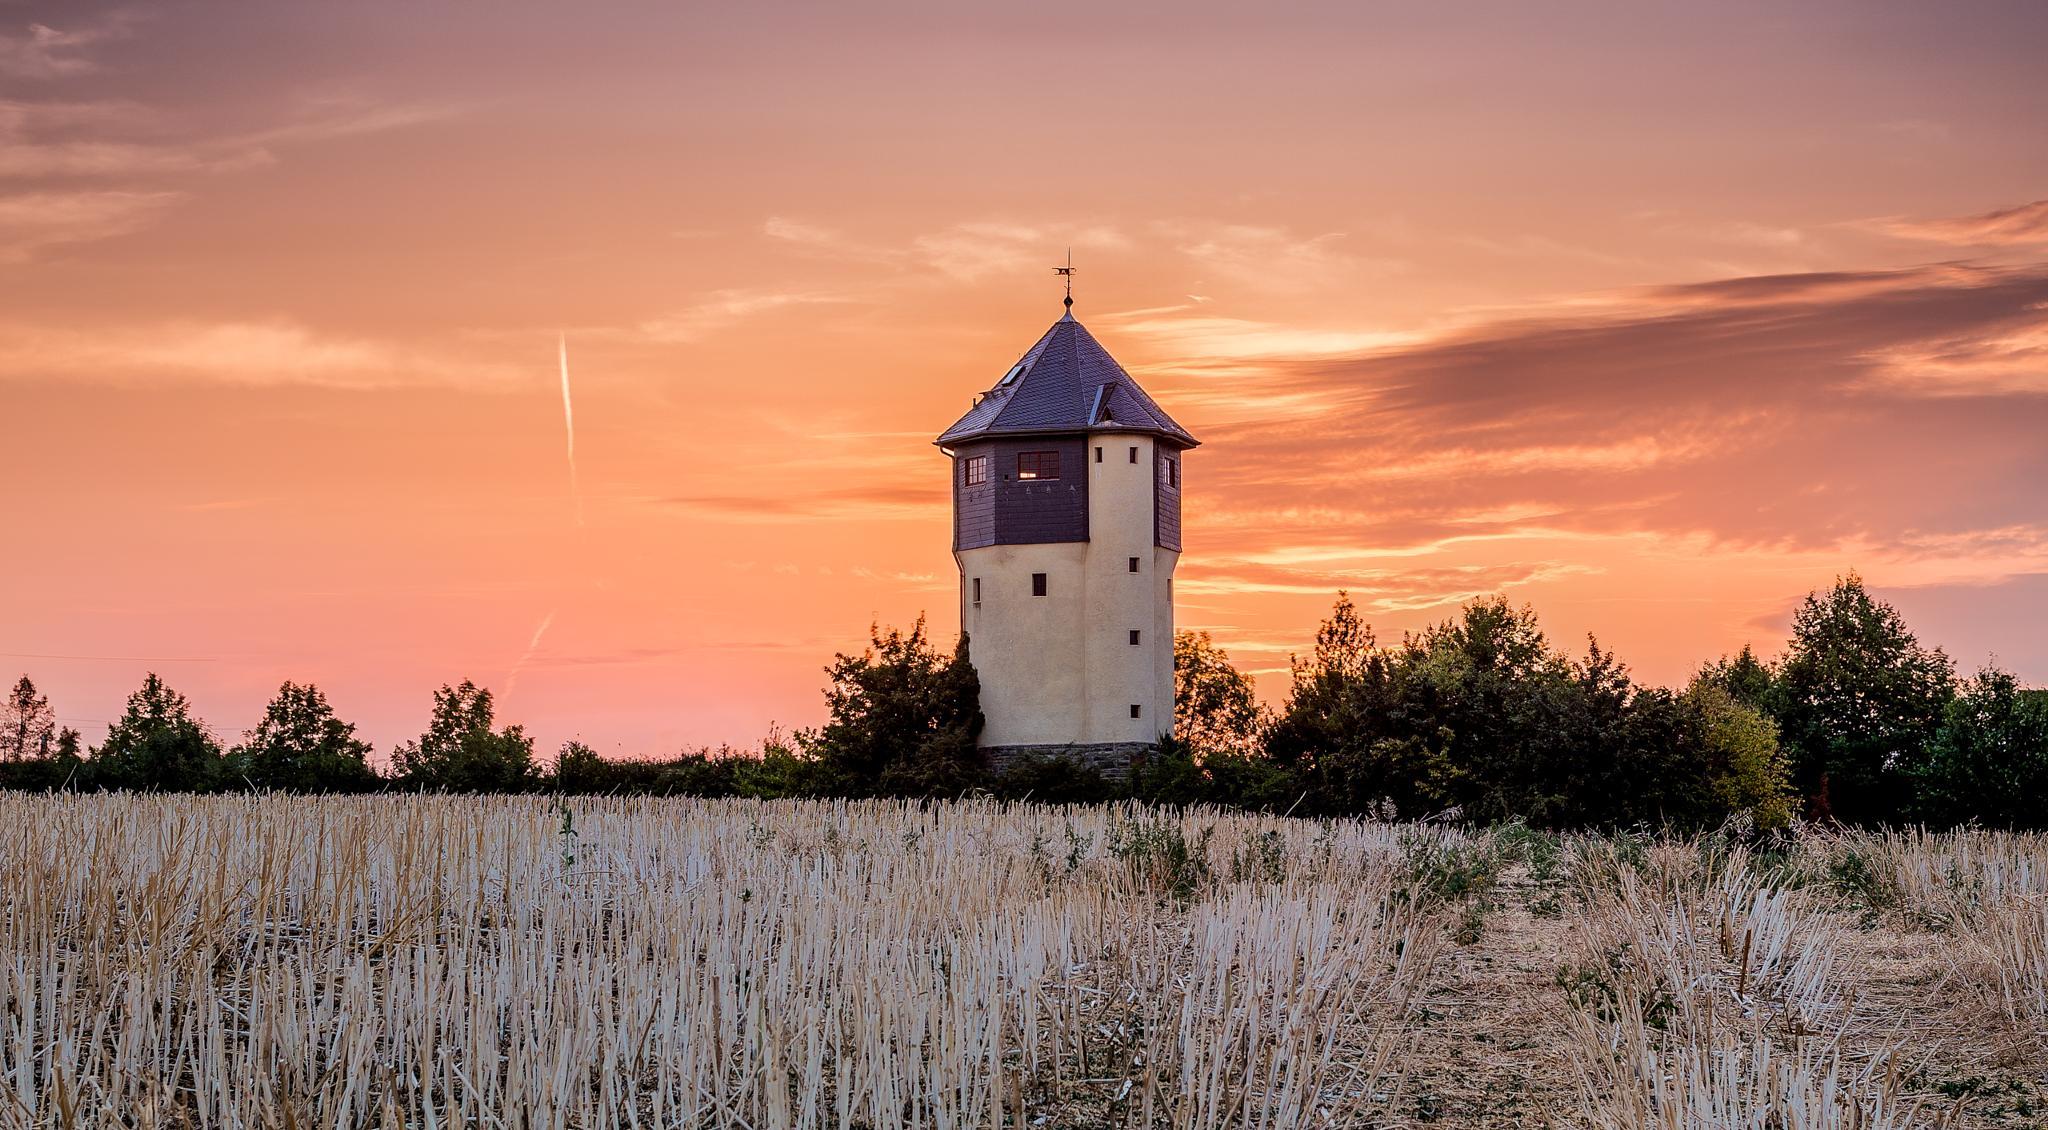 Old Water Tower by Nathalie Schönwetter